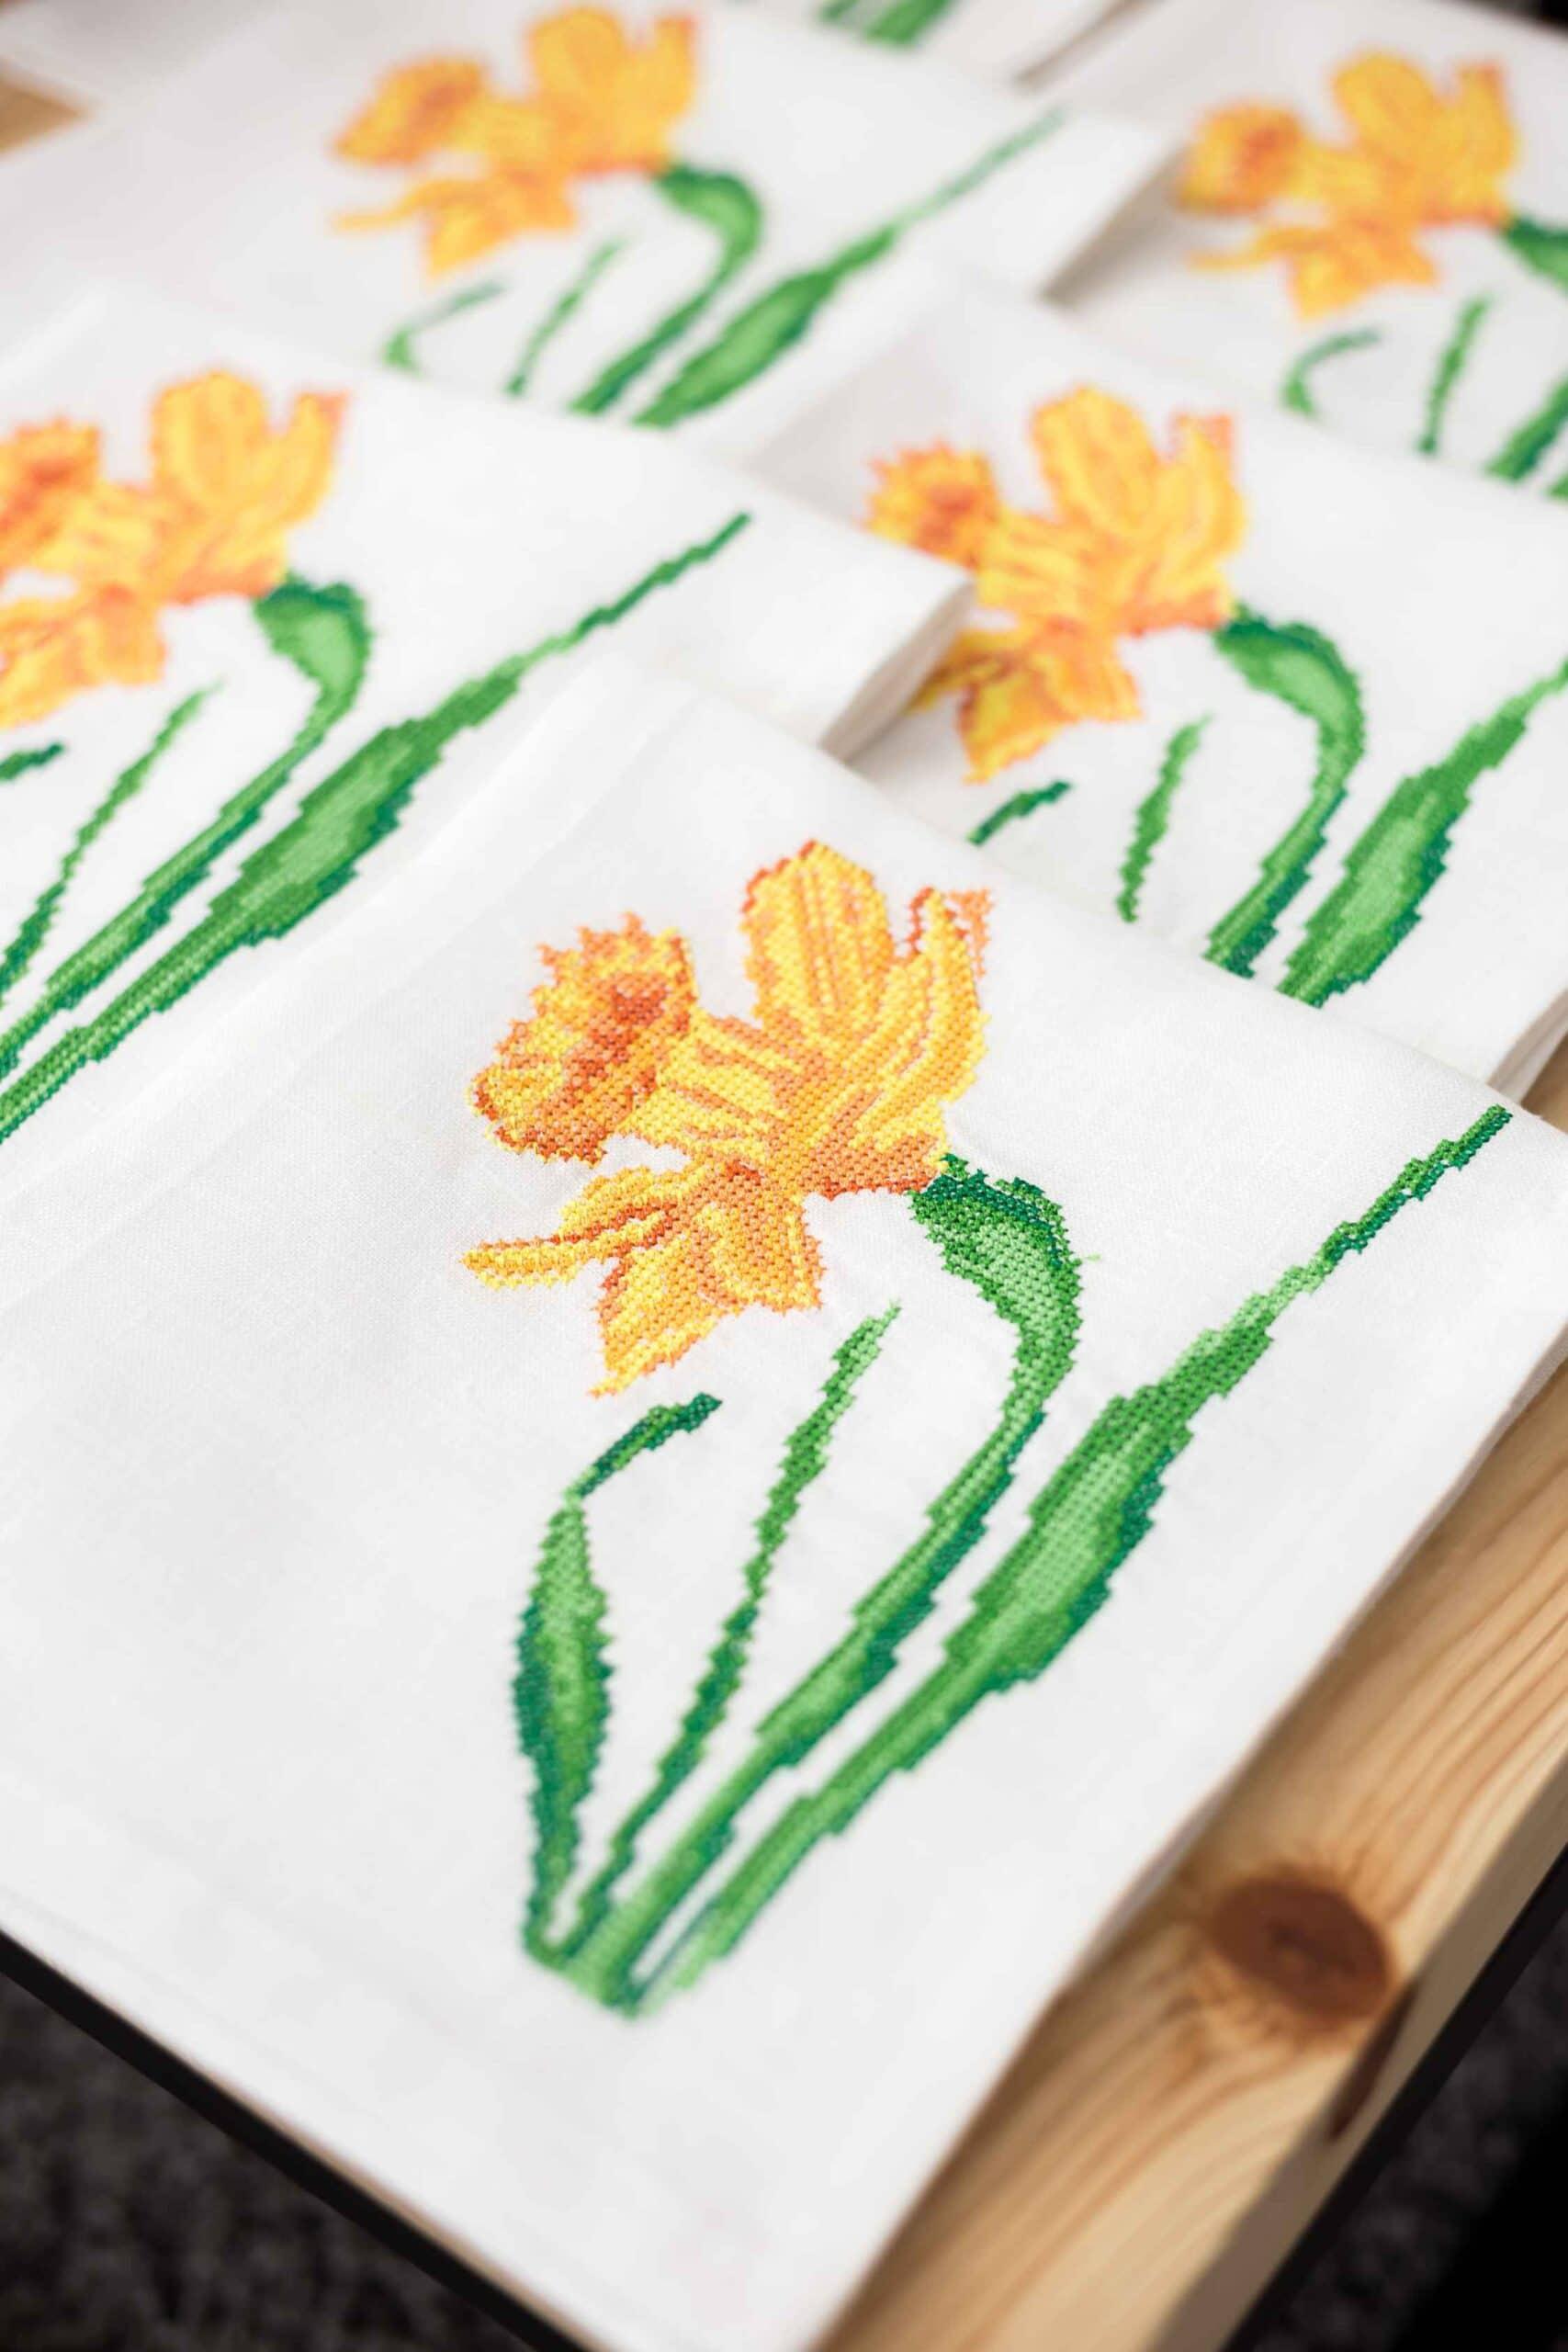 салфетки с вышивкой полевые цветы